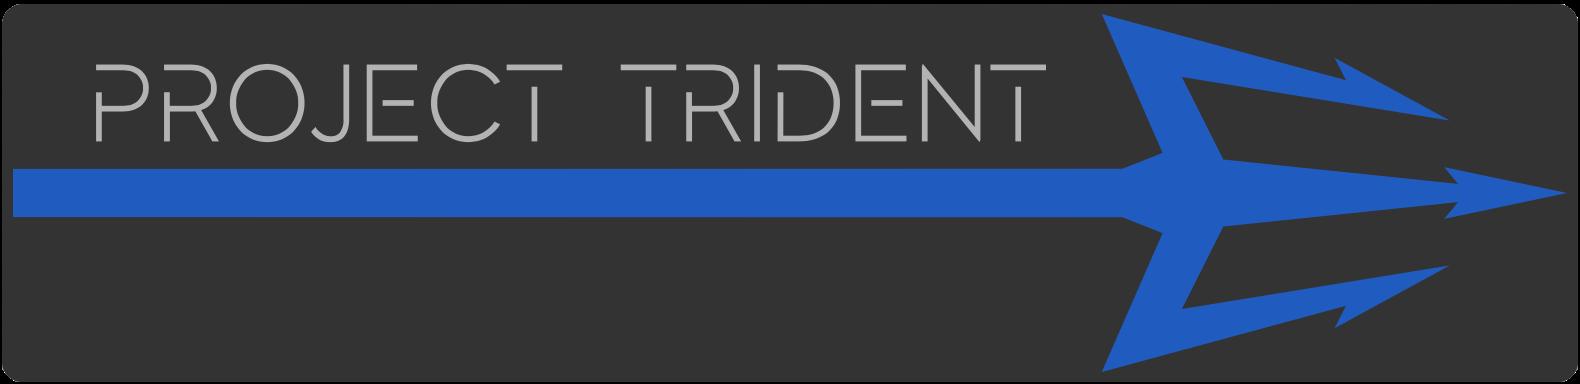 基于 TrueOS 的 BSD发行版 Project Trident 18.12 发布!